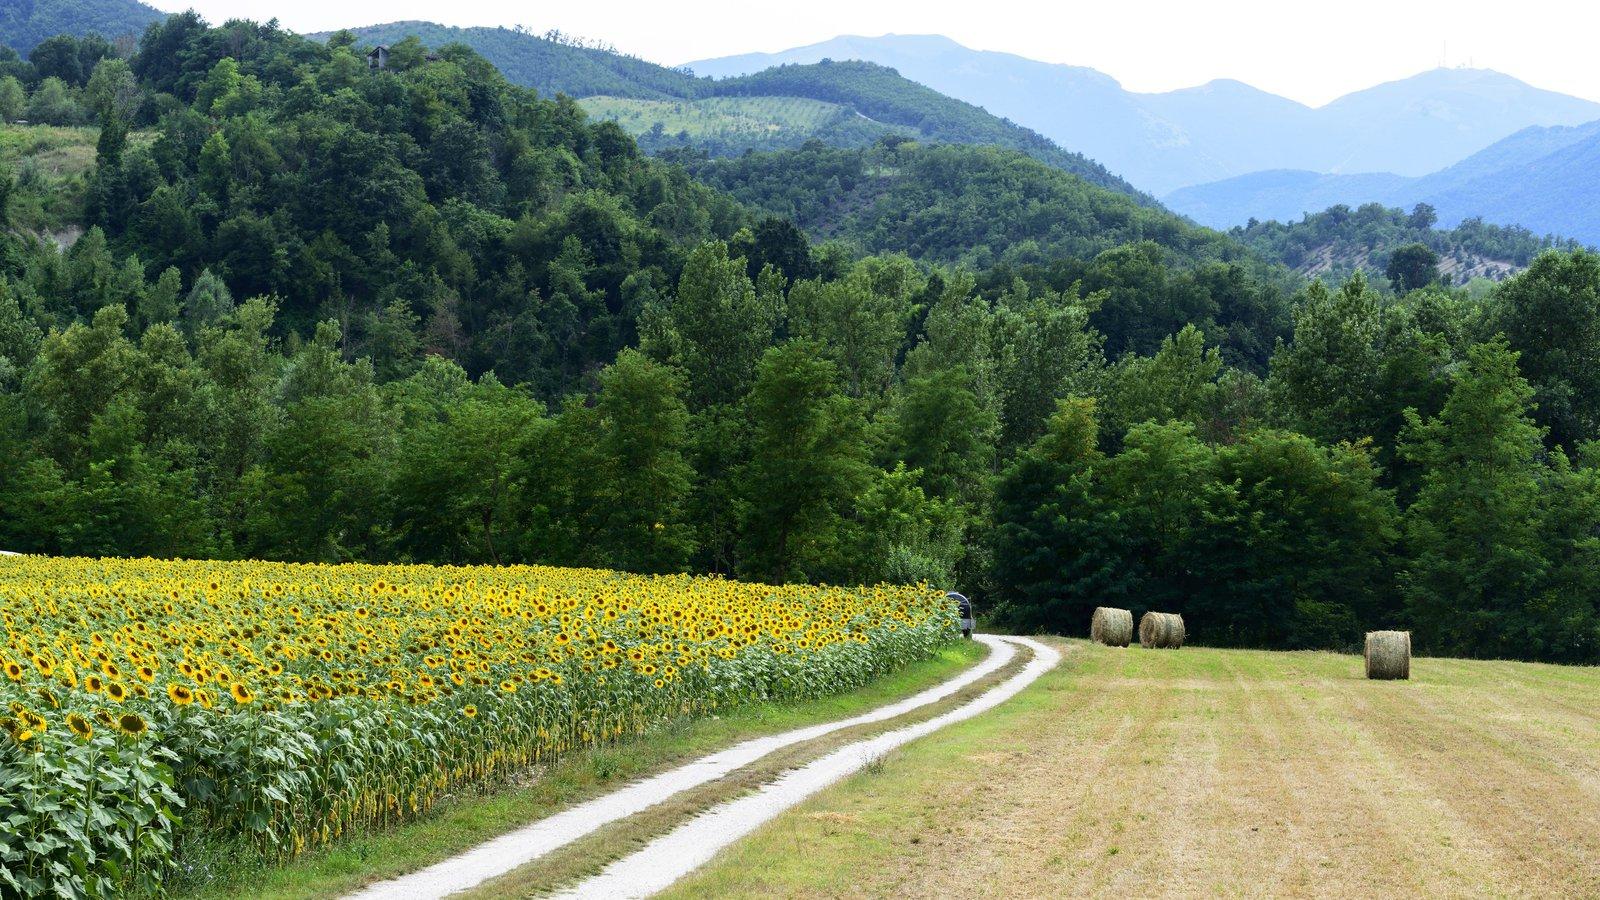 Pesaro which includes farmland